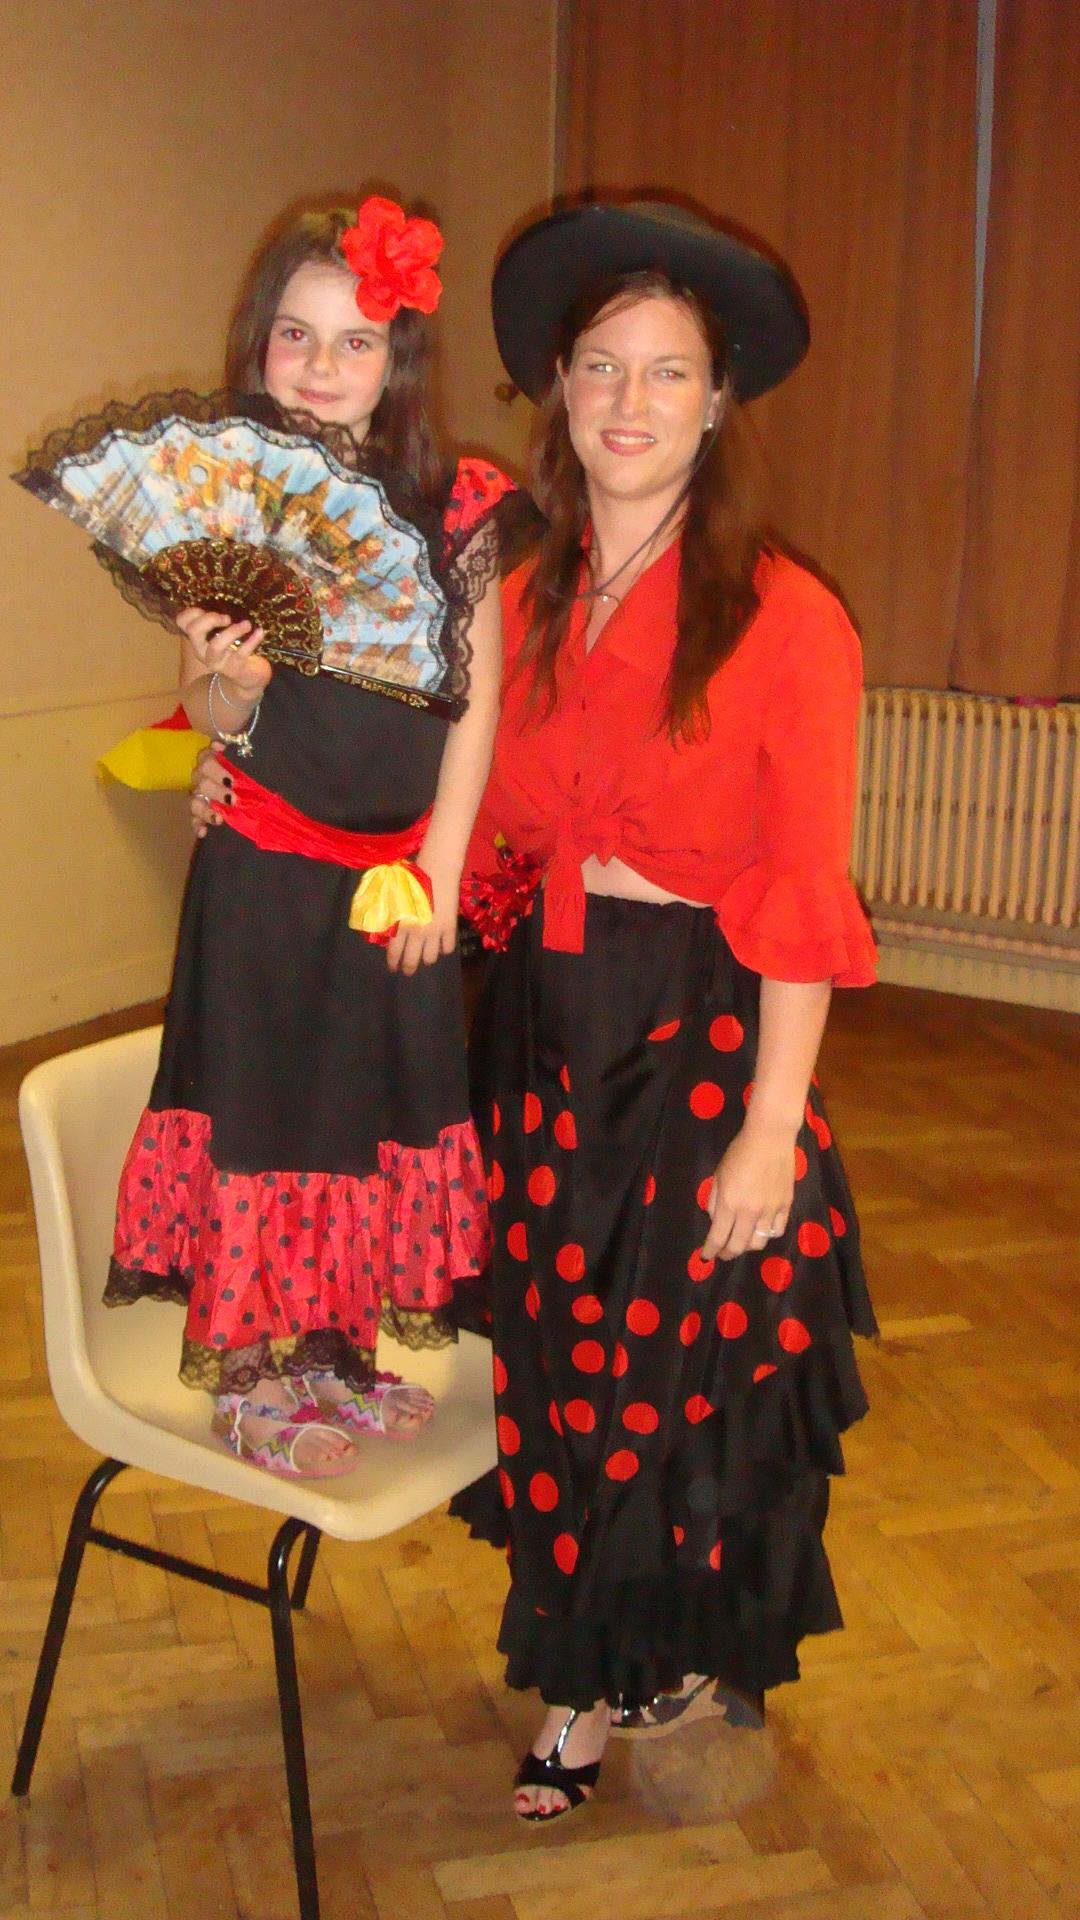 Les 2 Gagnantes du concours de costume